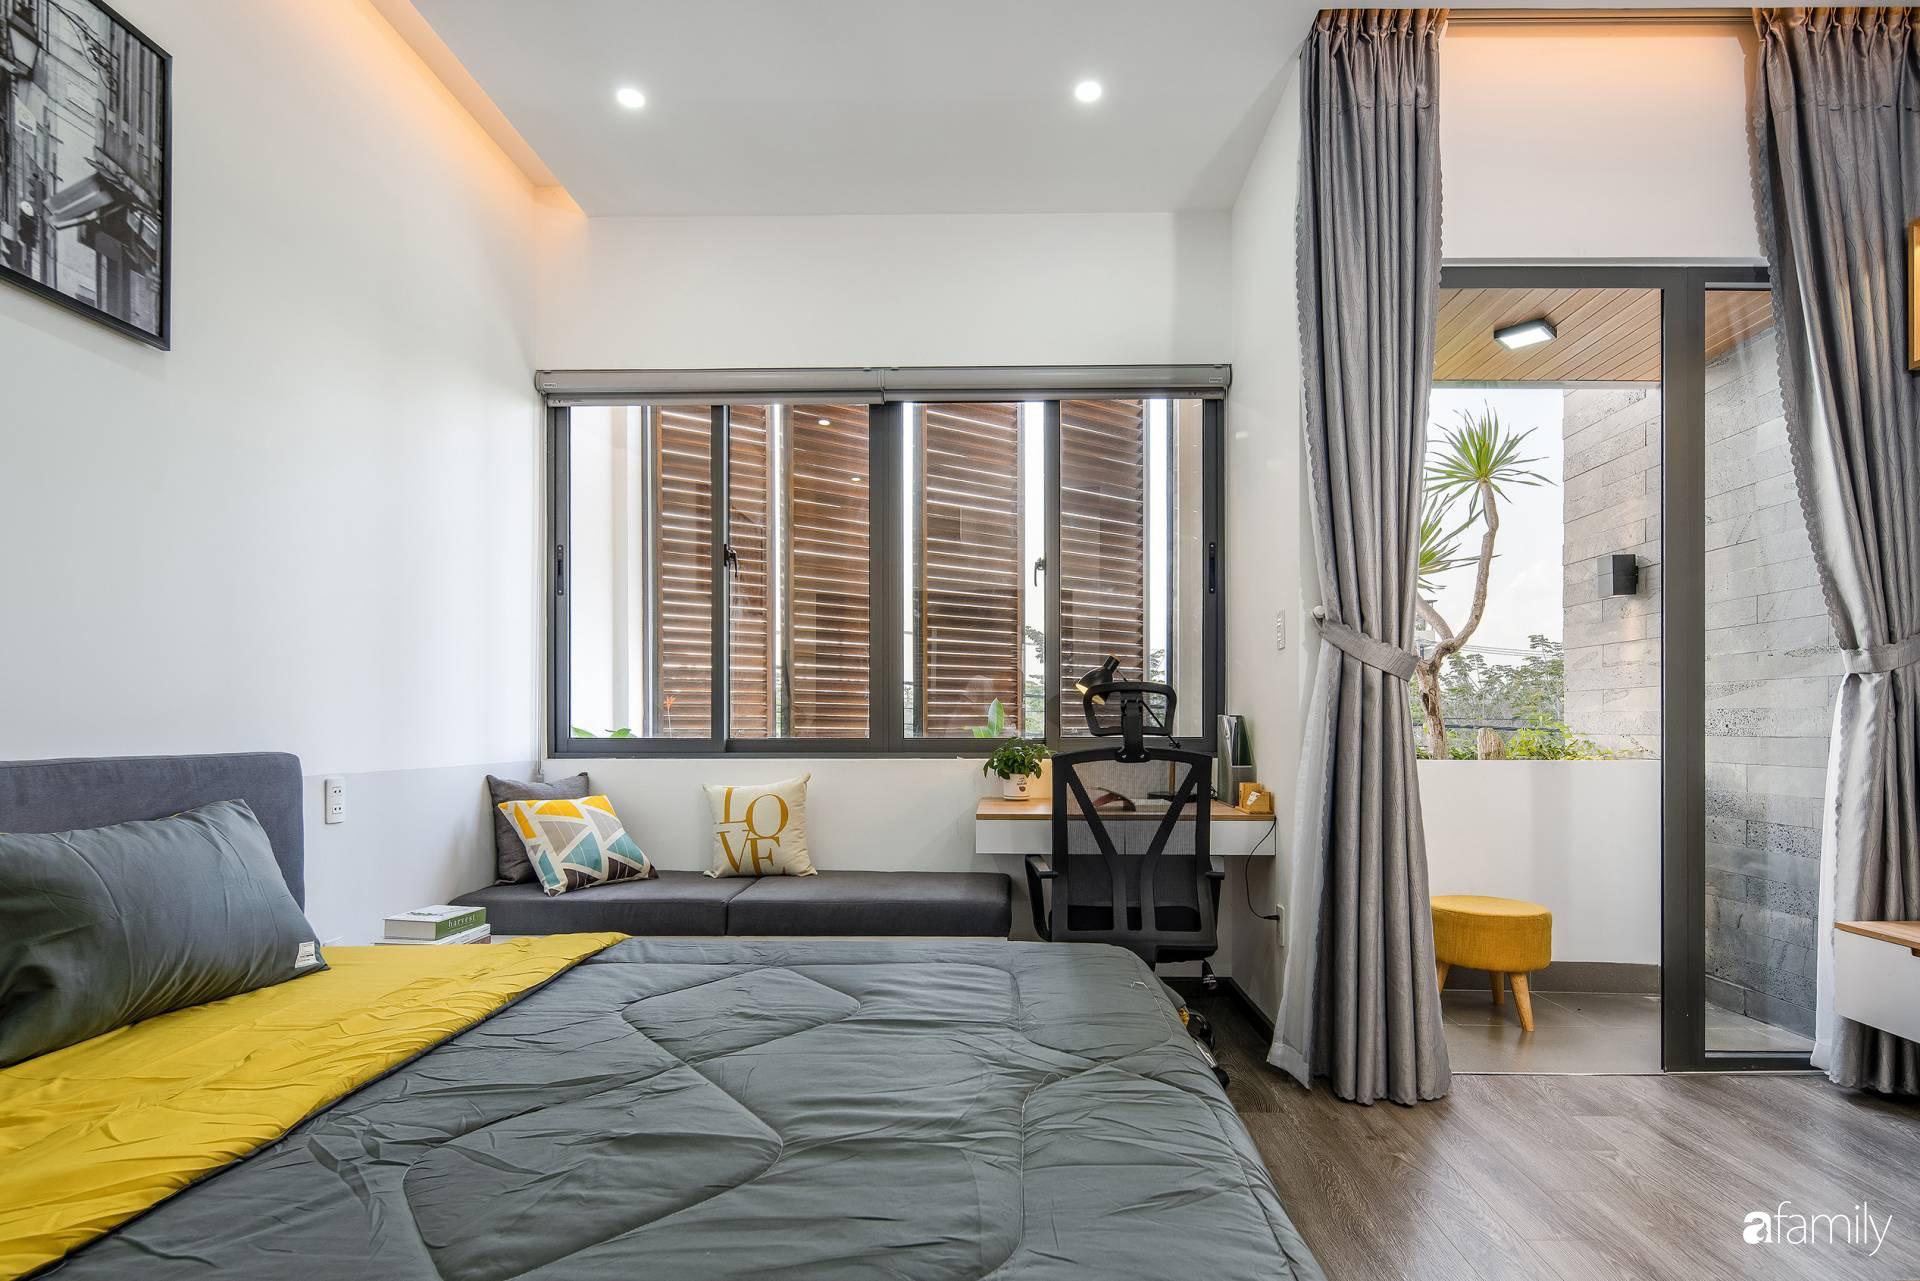 Ngôi nhà 100m2 thiết kế thông minh, tiện lợi dành cho gia đình 3 thế hệ ở Đà Nẵng - Ảnh 14.